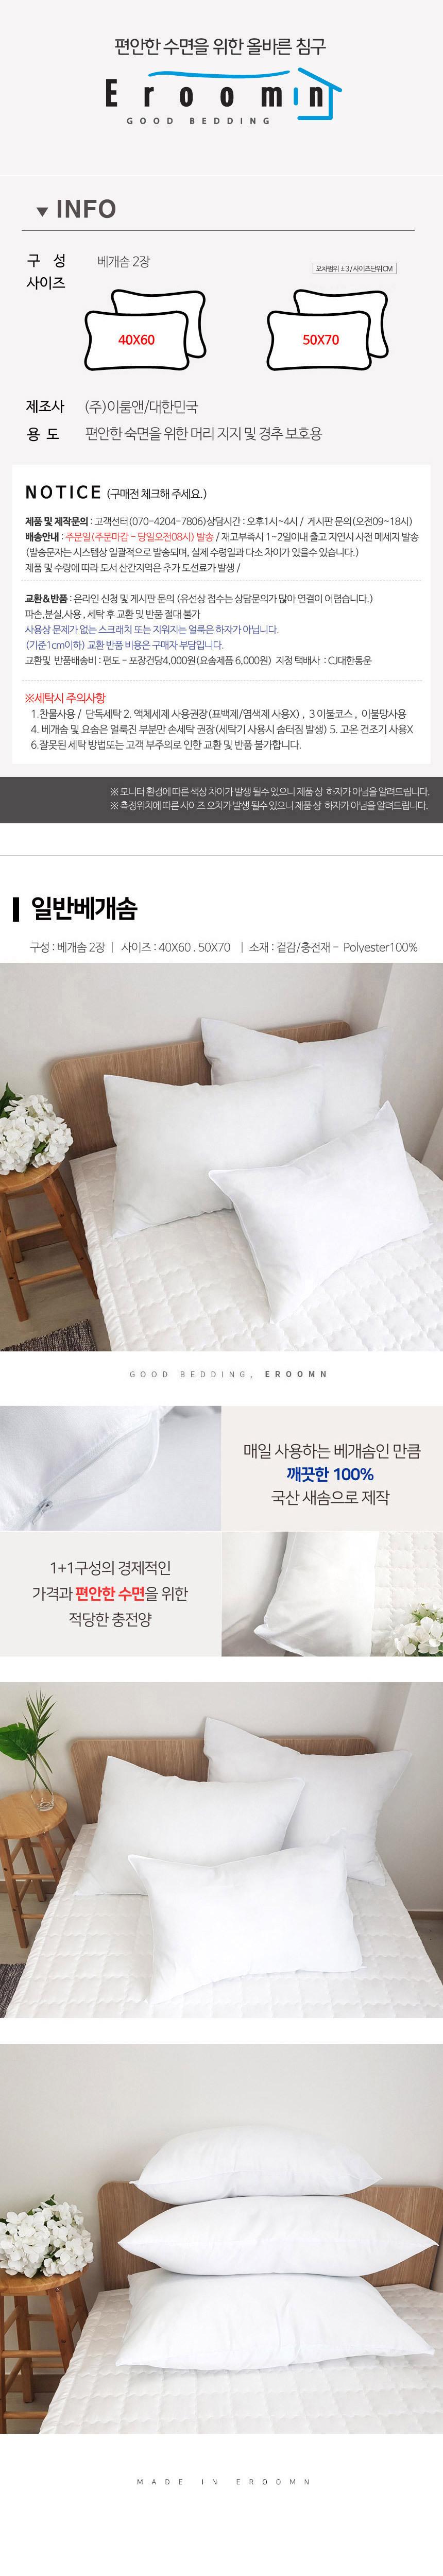 일반 베개솜40X60 2장 - 이룸앤, 4,900원, 솜/속통, 베개솜